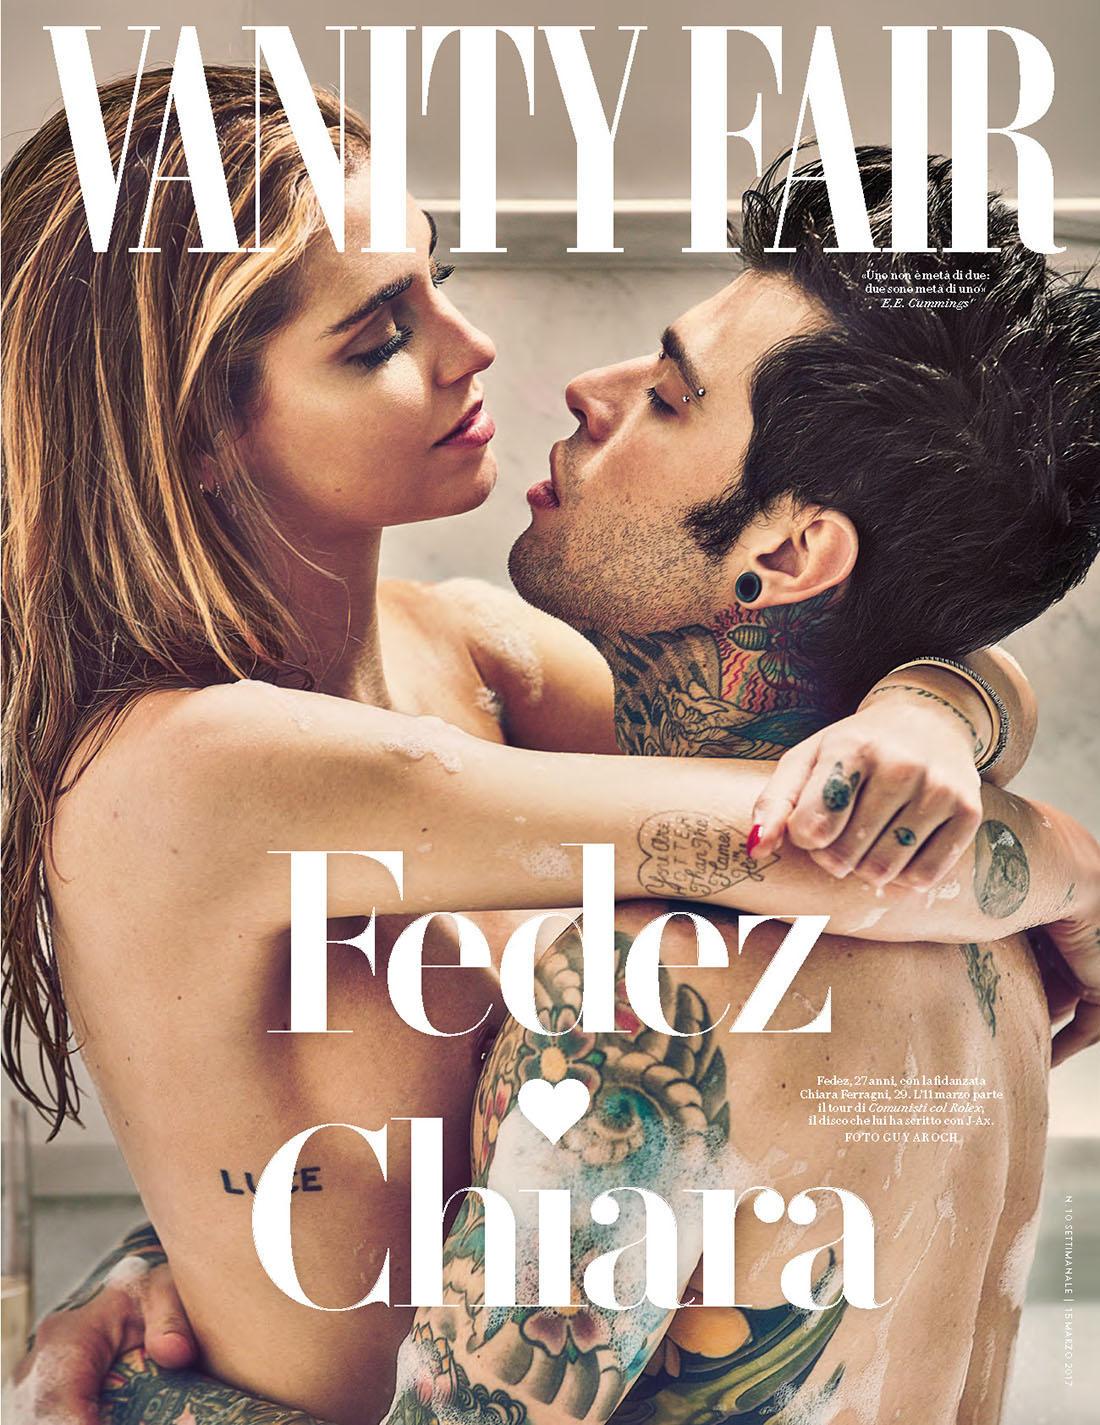 Fedez e Chiara Ferragni sulla copertina di Vanity Fair